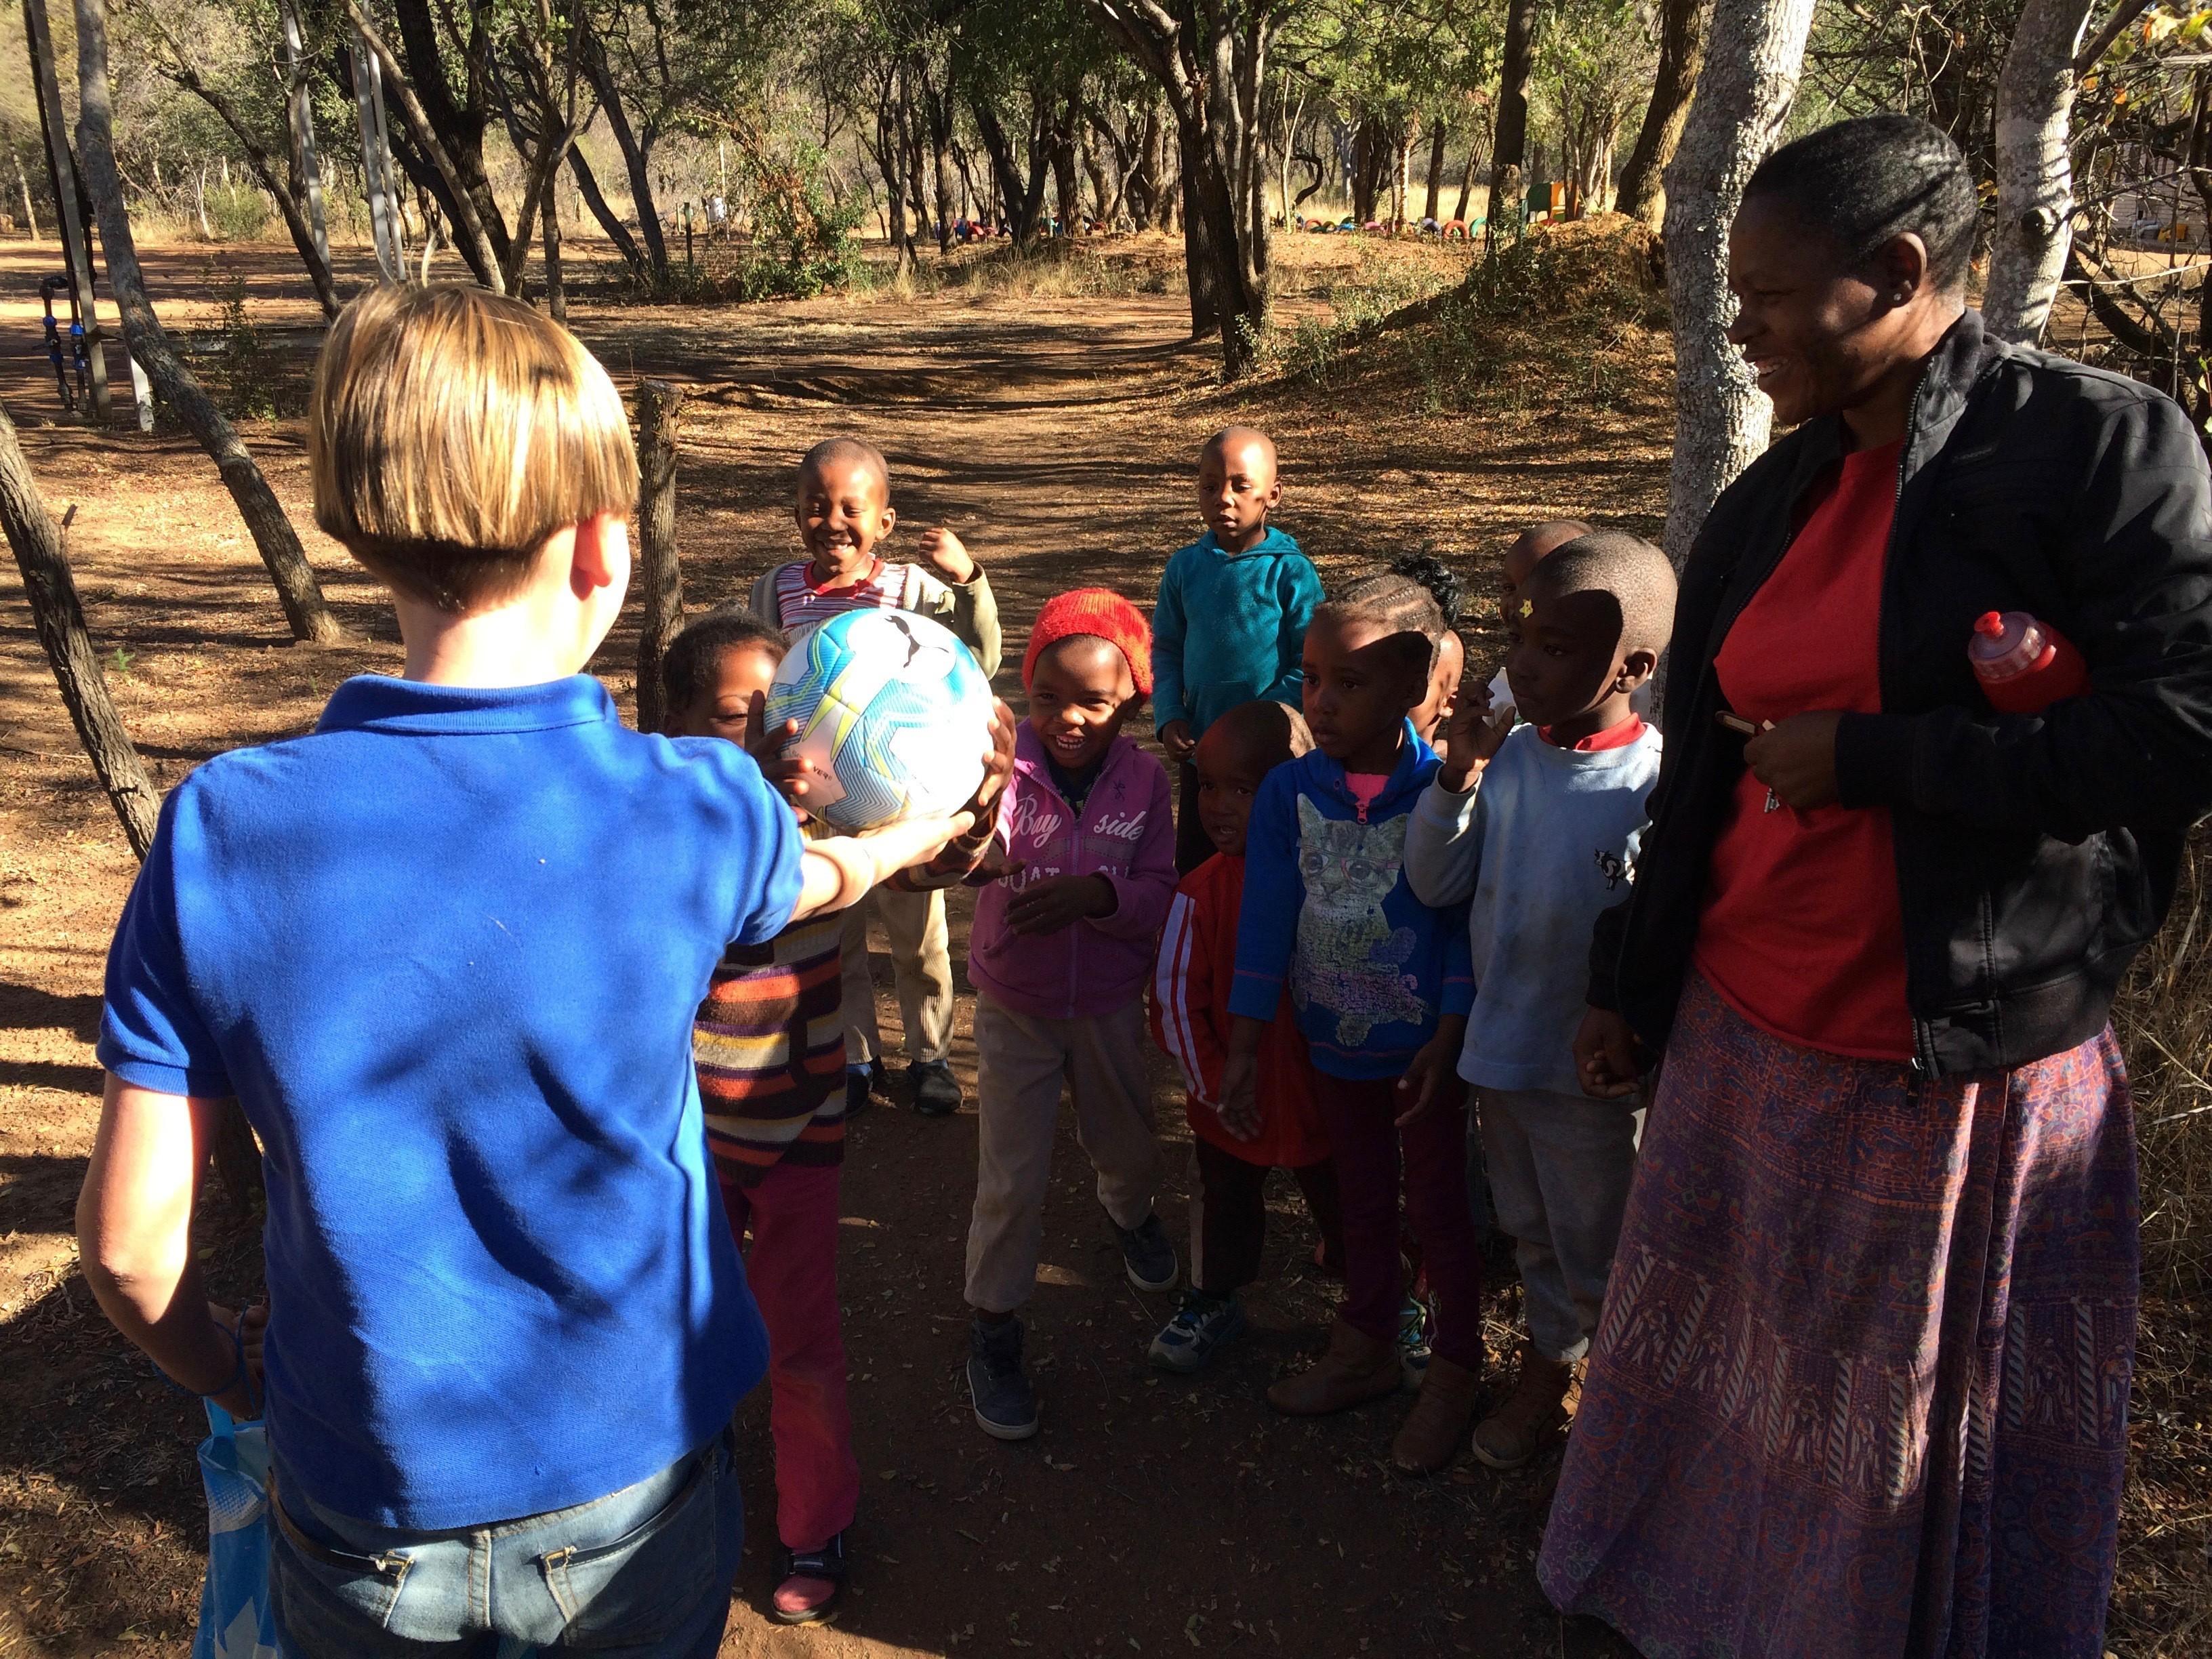 Onze zoon geeft de weeskinderen in Zuid-Afrika een voetbal om mee te spelen